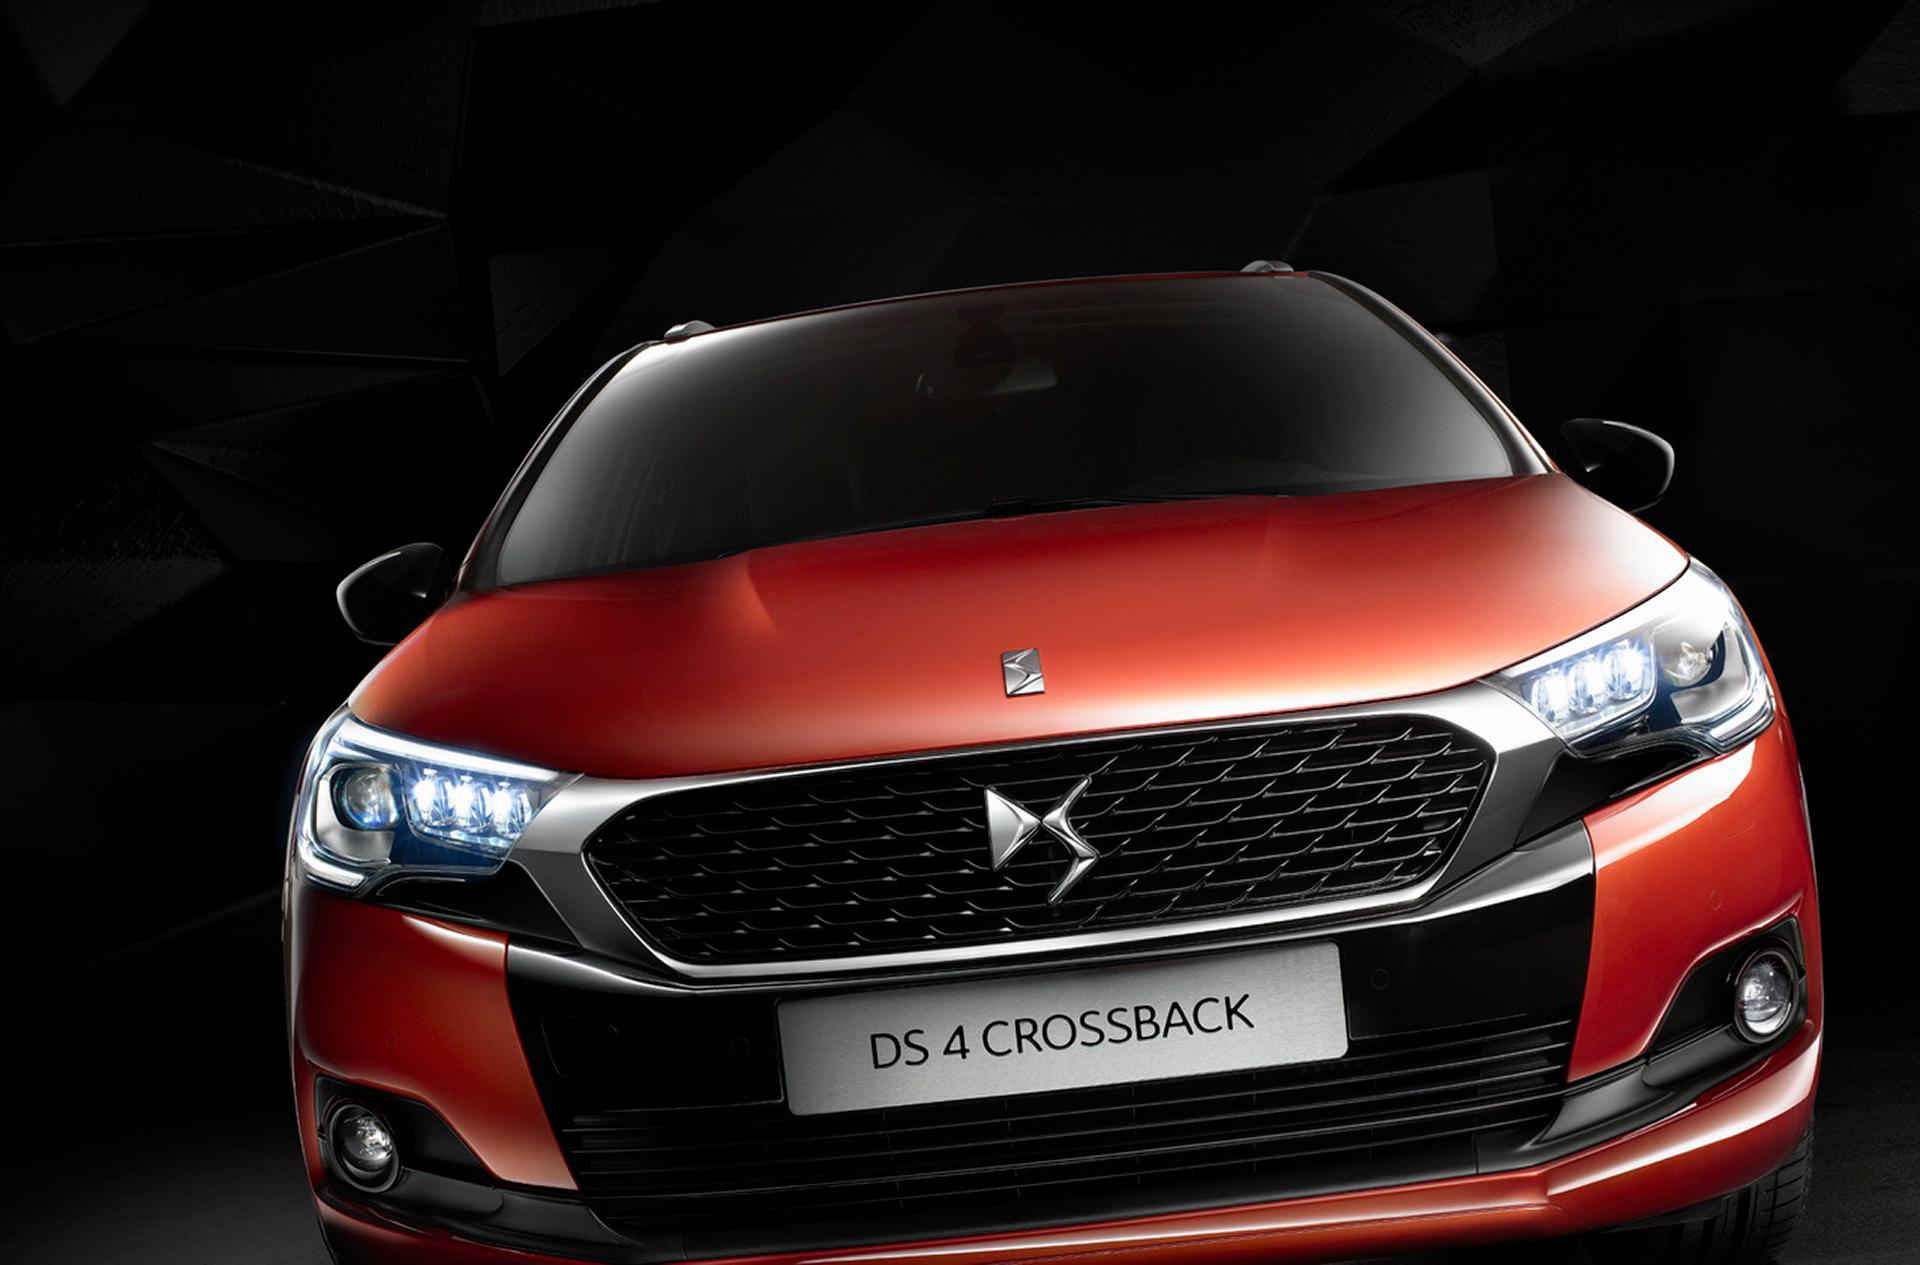 Crossback DS 4 - DS Automobiles - 2015 - avant / front